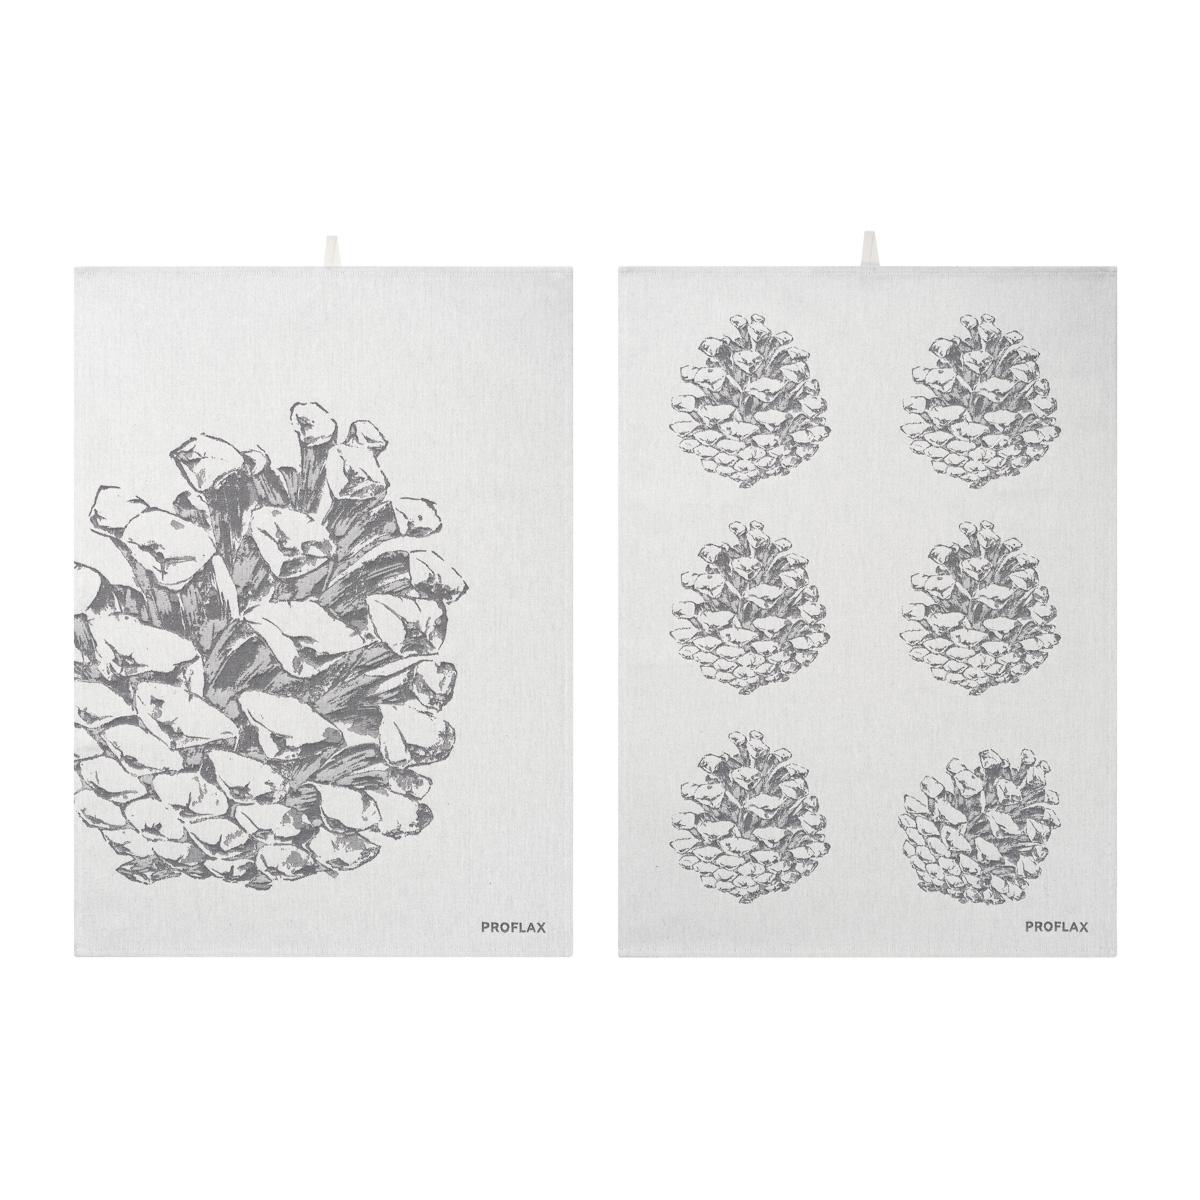 PROFLAX Geschirrtuch 2er Set, Motiv Tannenzapfen in Reihe und Tannzapfen groß, grau 50 x 70